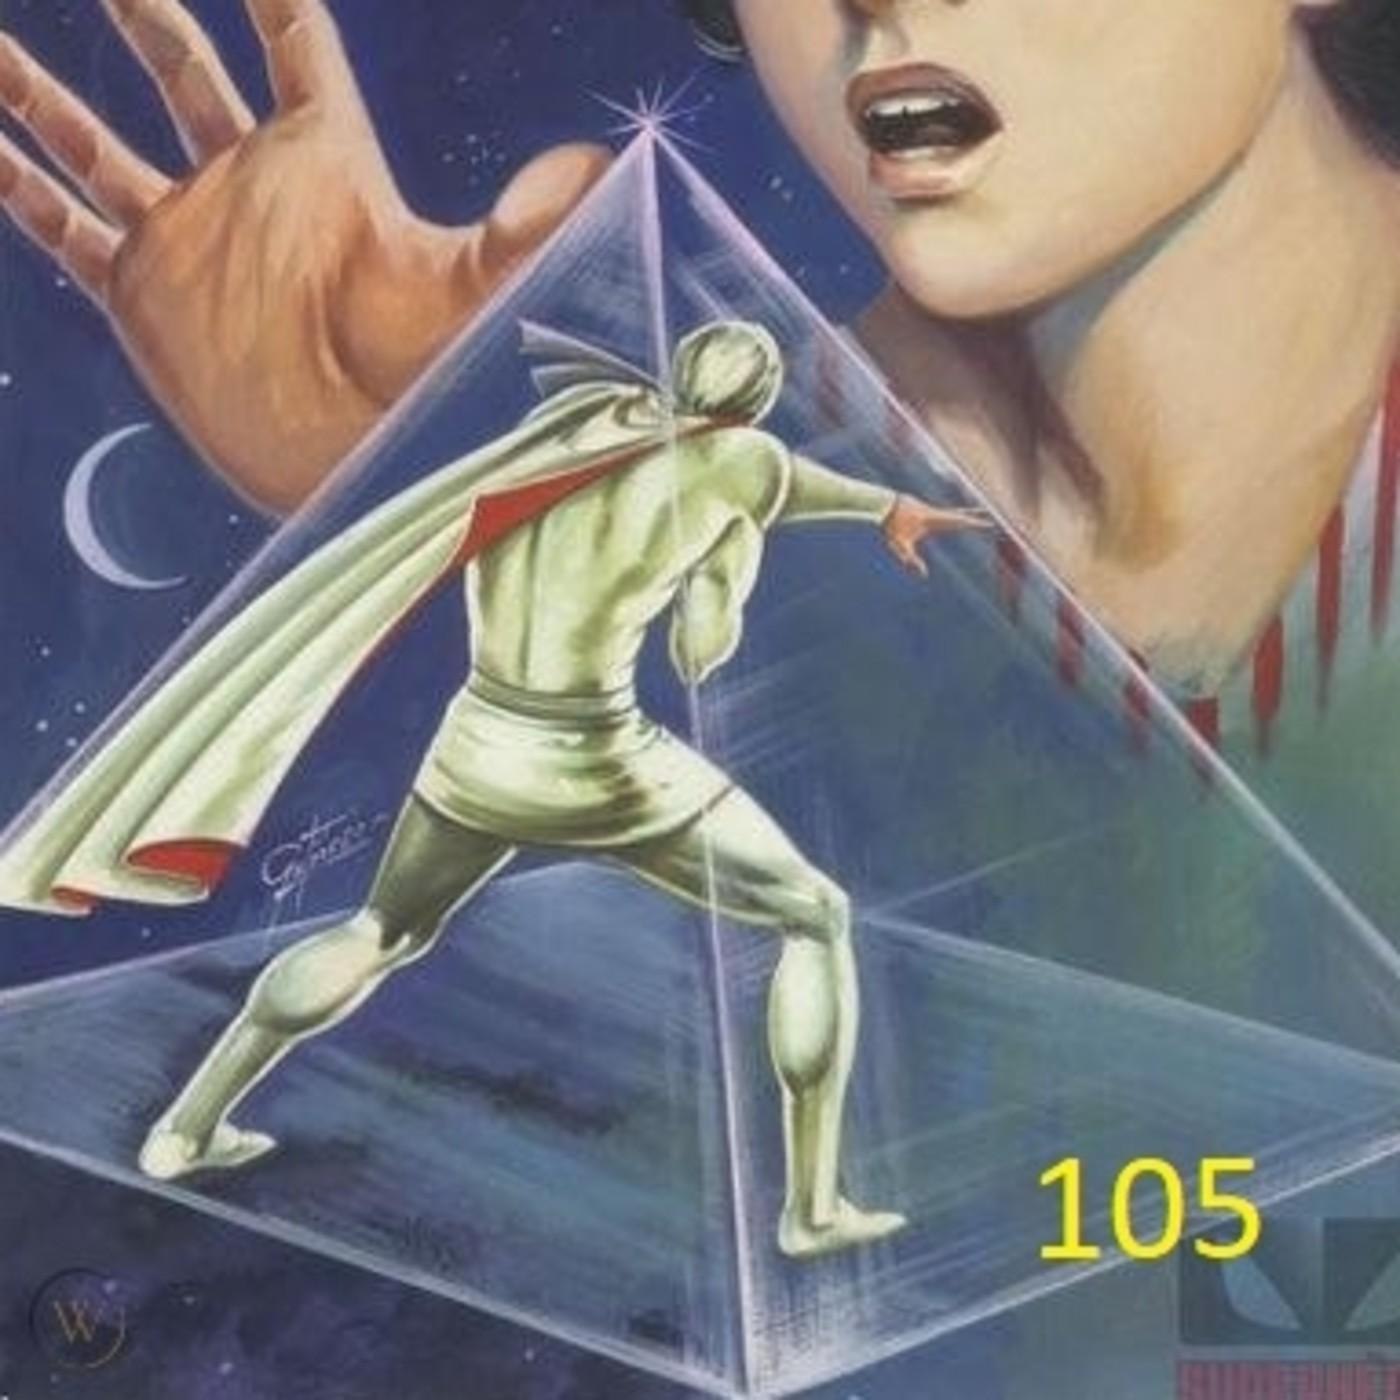 30x105 Muerte en la cuarta dimensión Kaliman